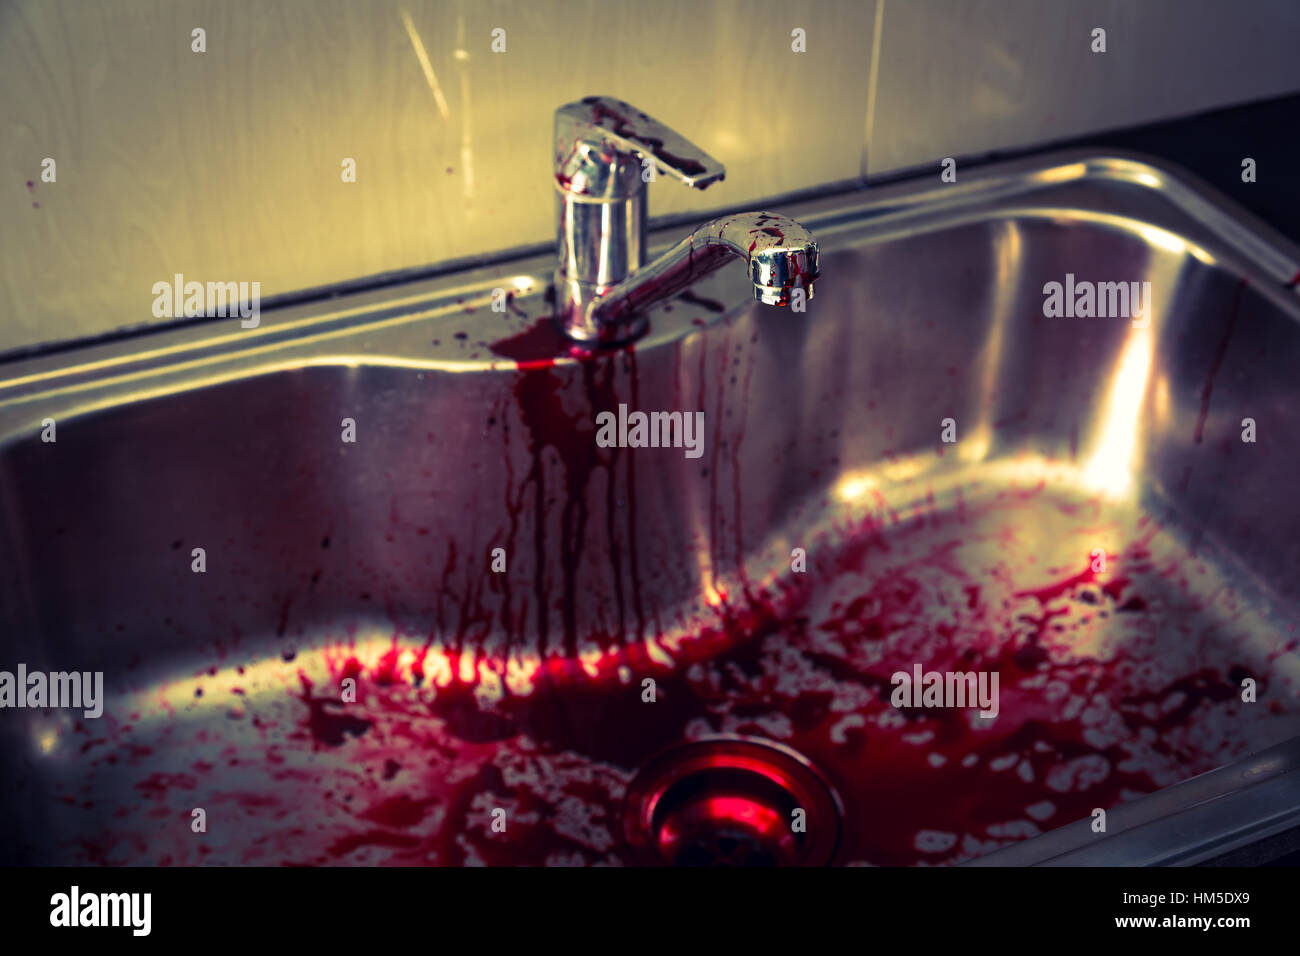 Küchenspüle mit Blut für Halloween (gefiltertes Bild verarbeitet ...